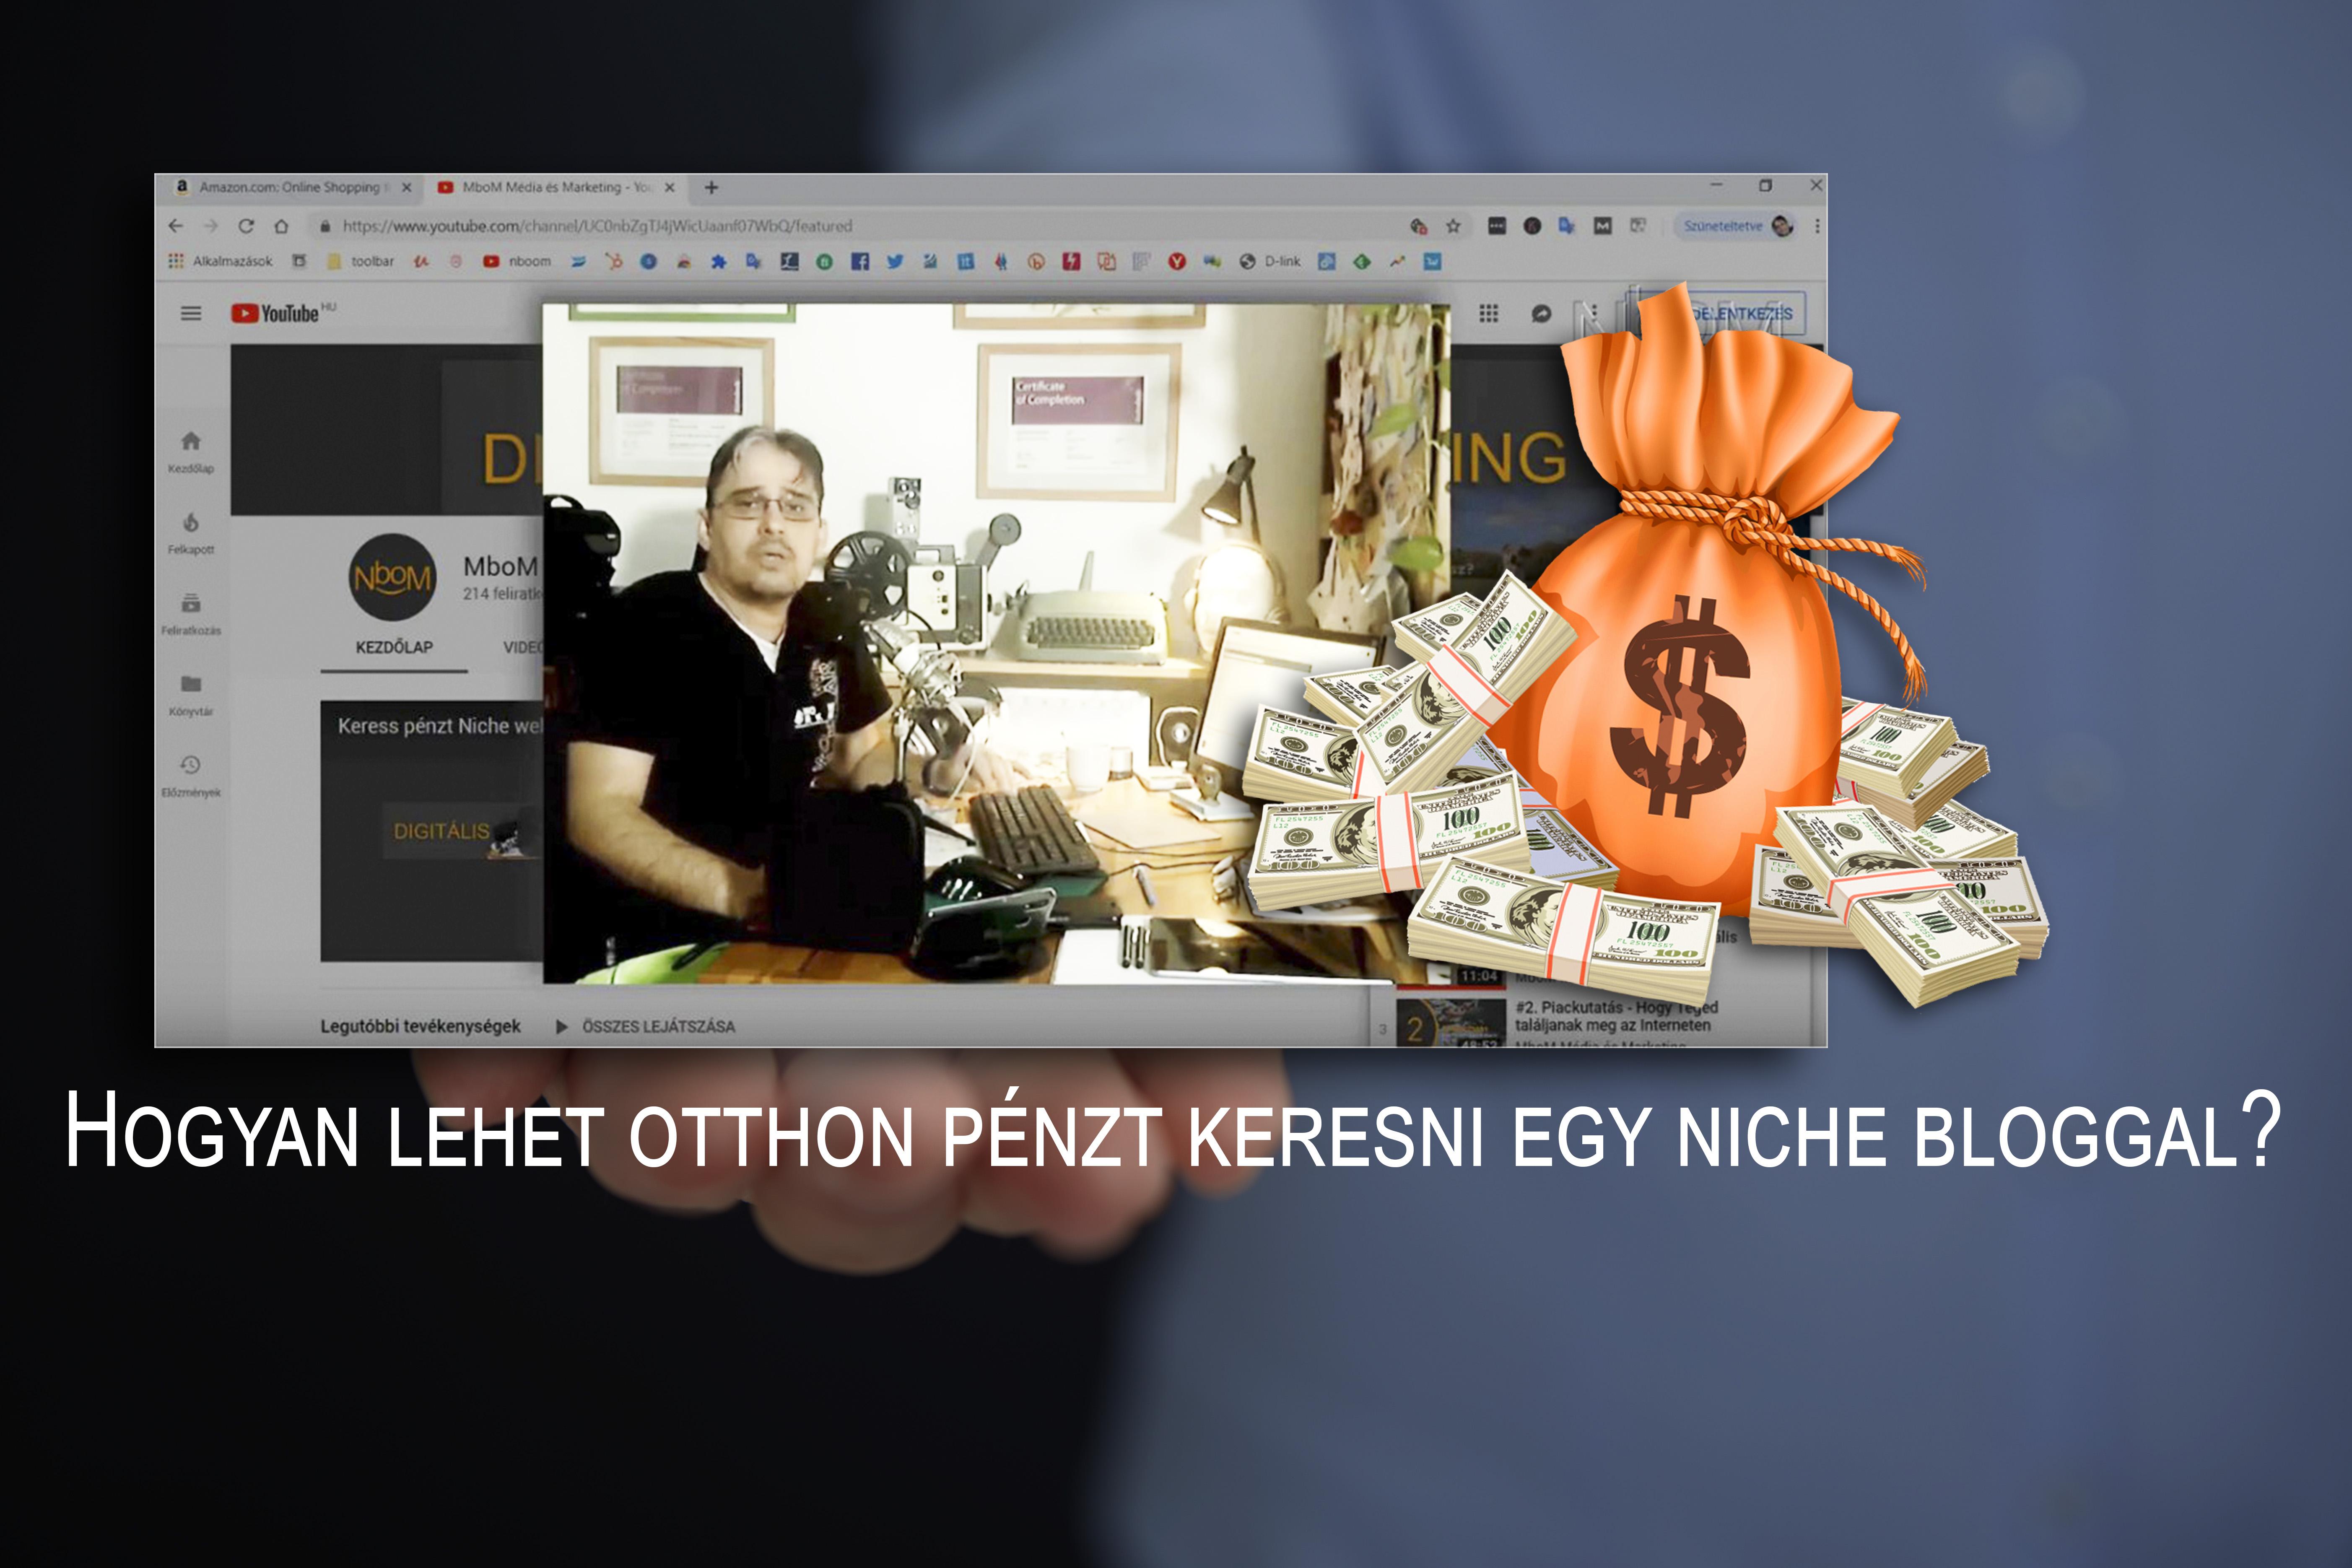 tanácsok, hogyan lehet sok pénzt keresni)